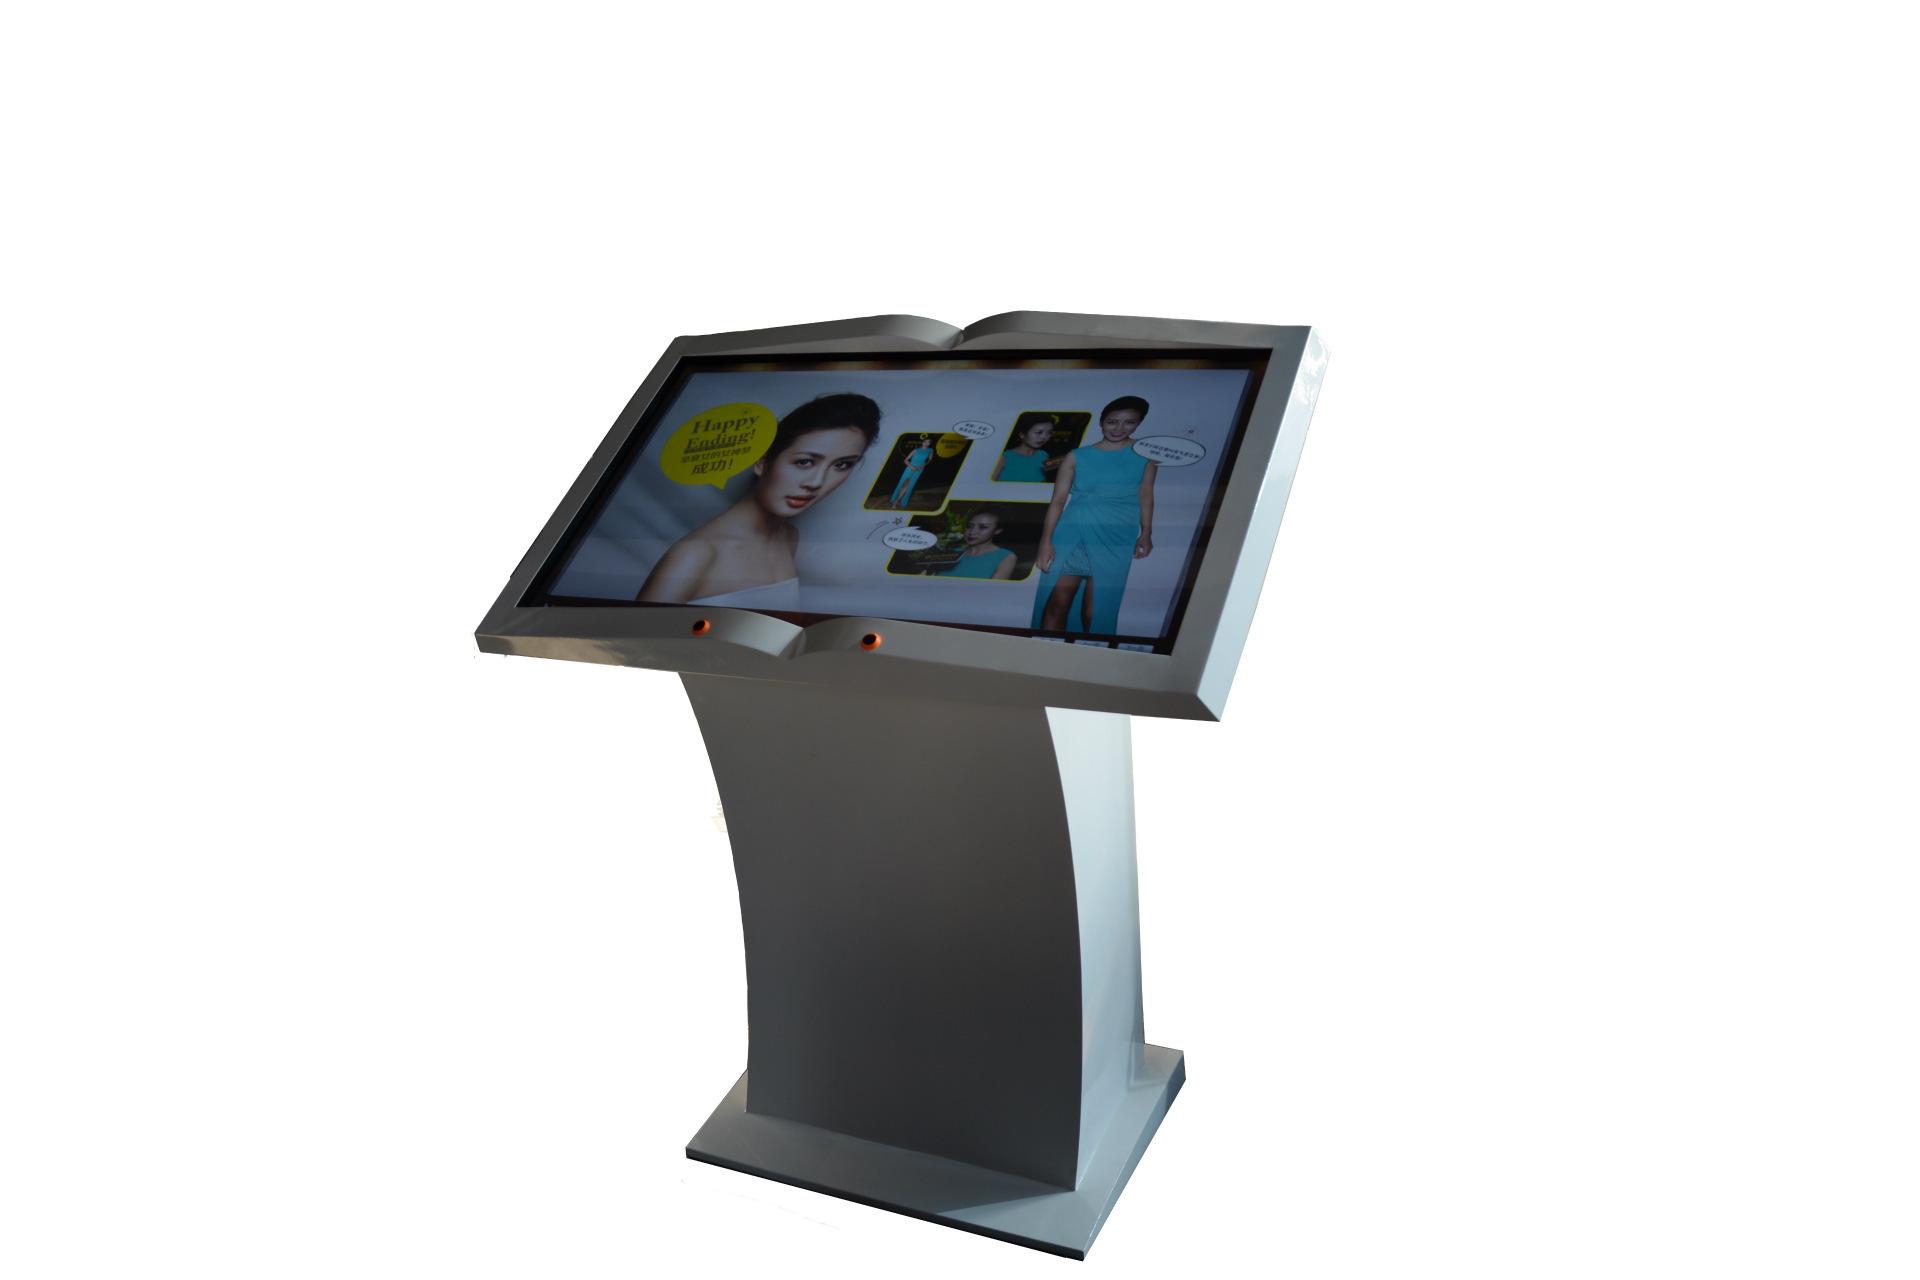 厂家直销HPLD42寸虚拟翻书台空中翻书台全息空中虚拟翻书台示例图6